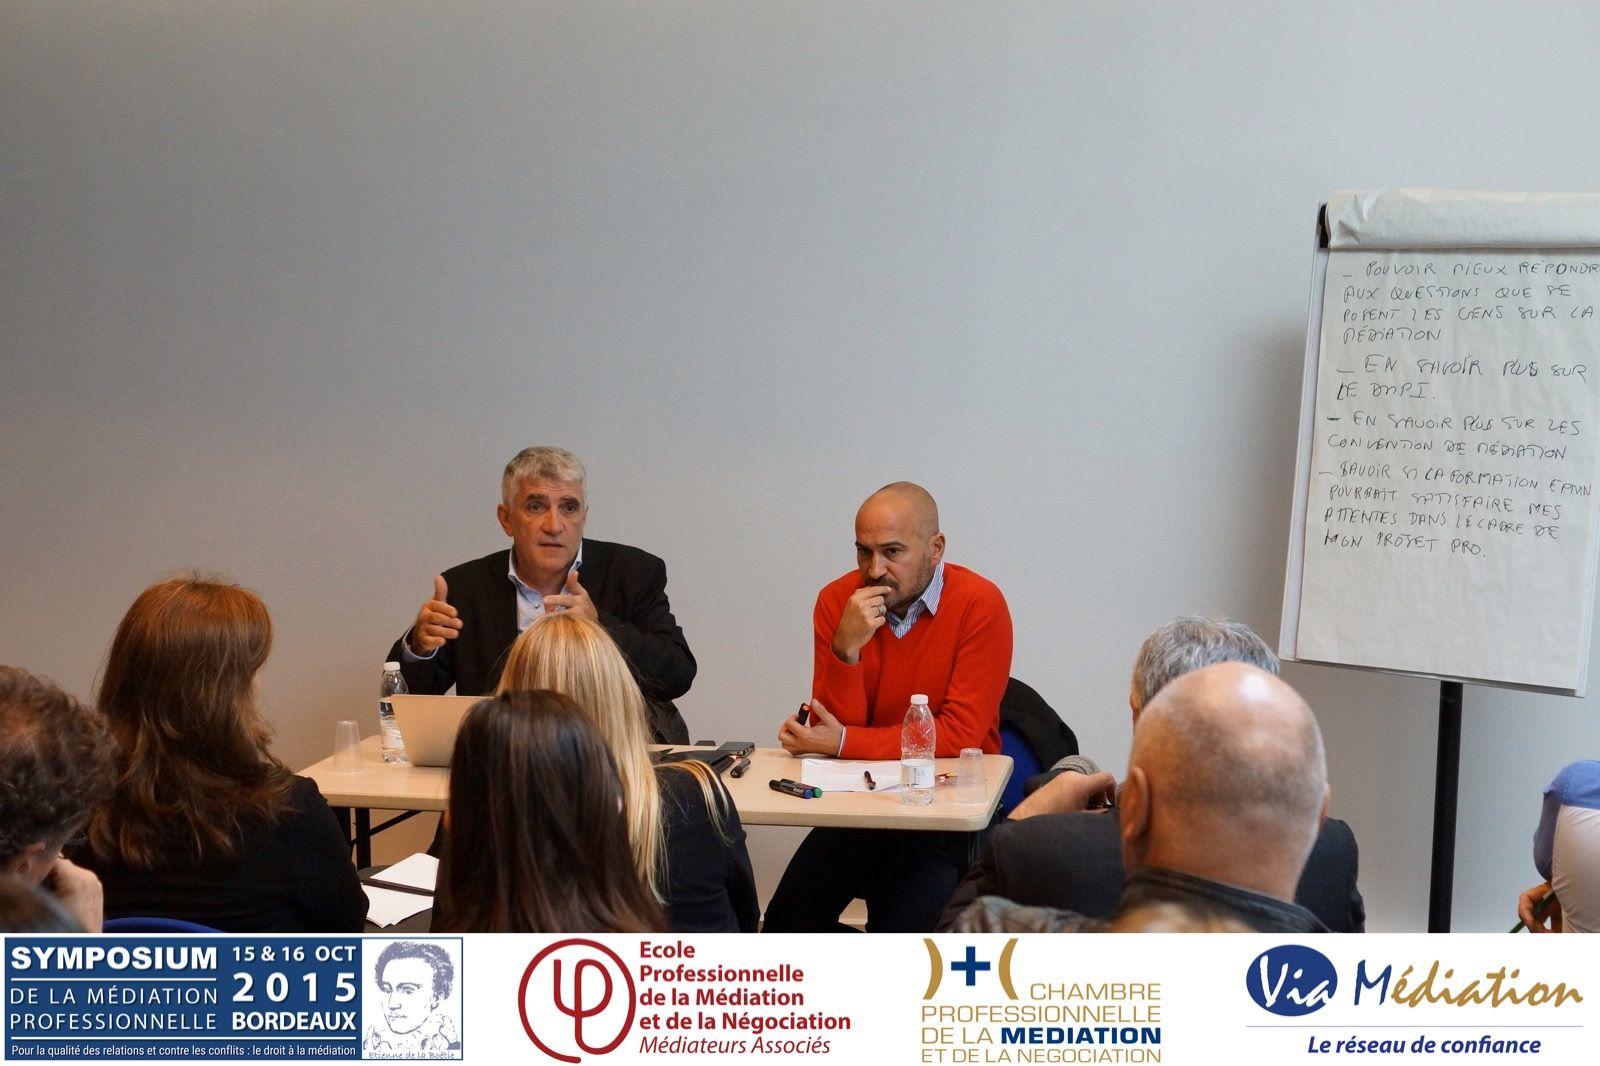 Symposium 2015 les ateliers de formation et de - Chambre professionnelle de la mediation et de la negociation ...